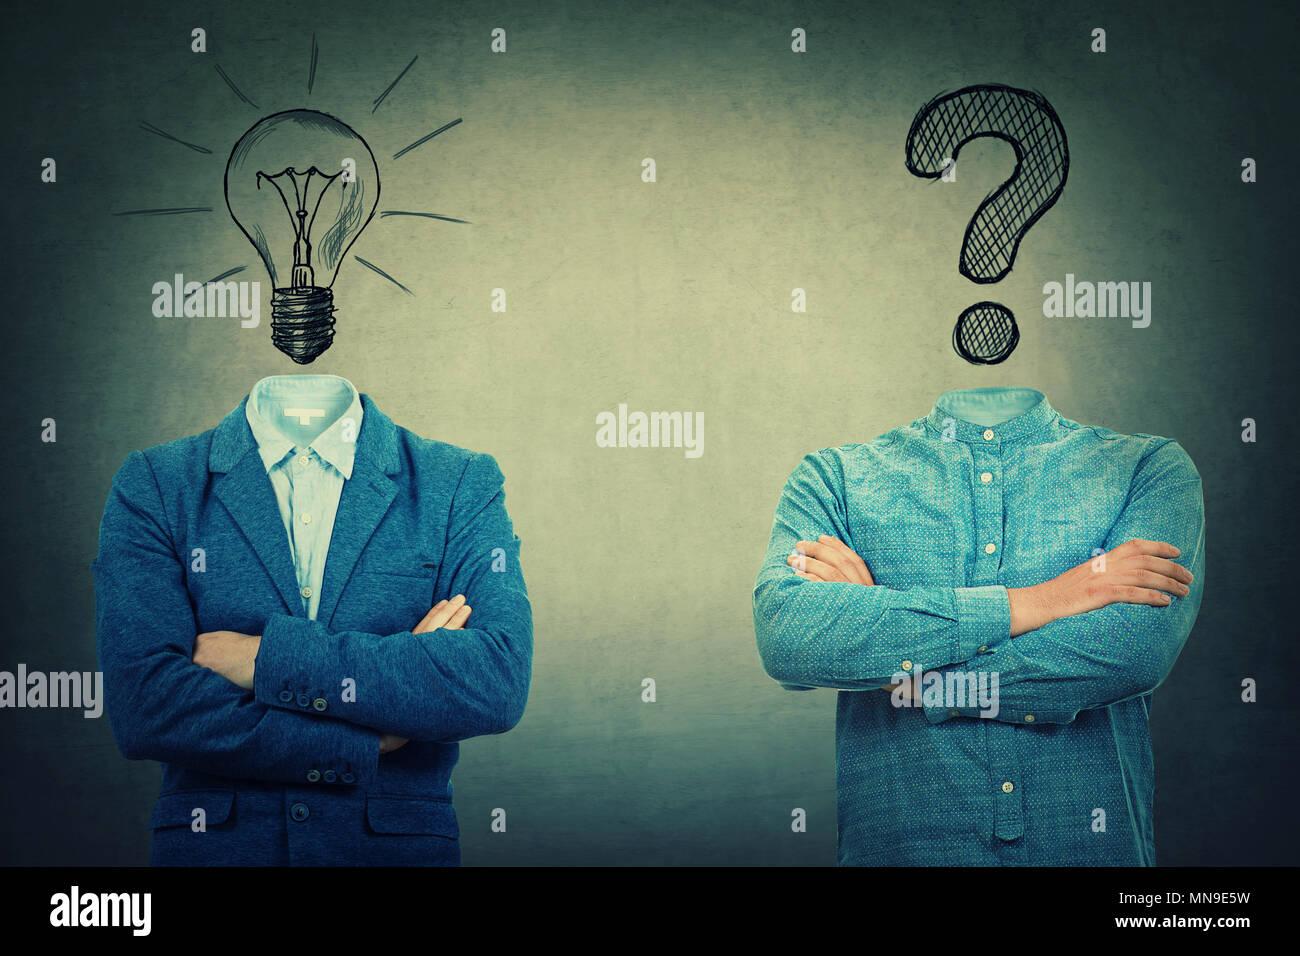 Zwei gekreuzte Hände businessmans mit Glühlampe und Verhör mark anstelle des Kopfes. Problem und Lösung Konzept. Stockbild